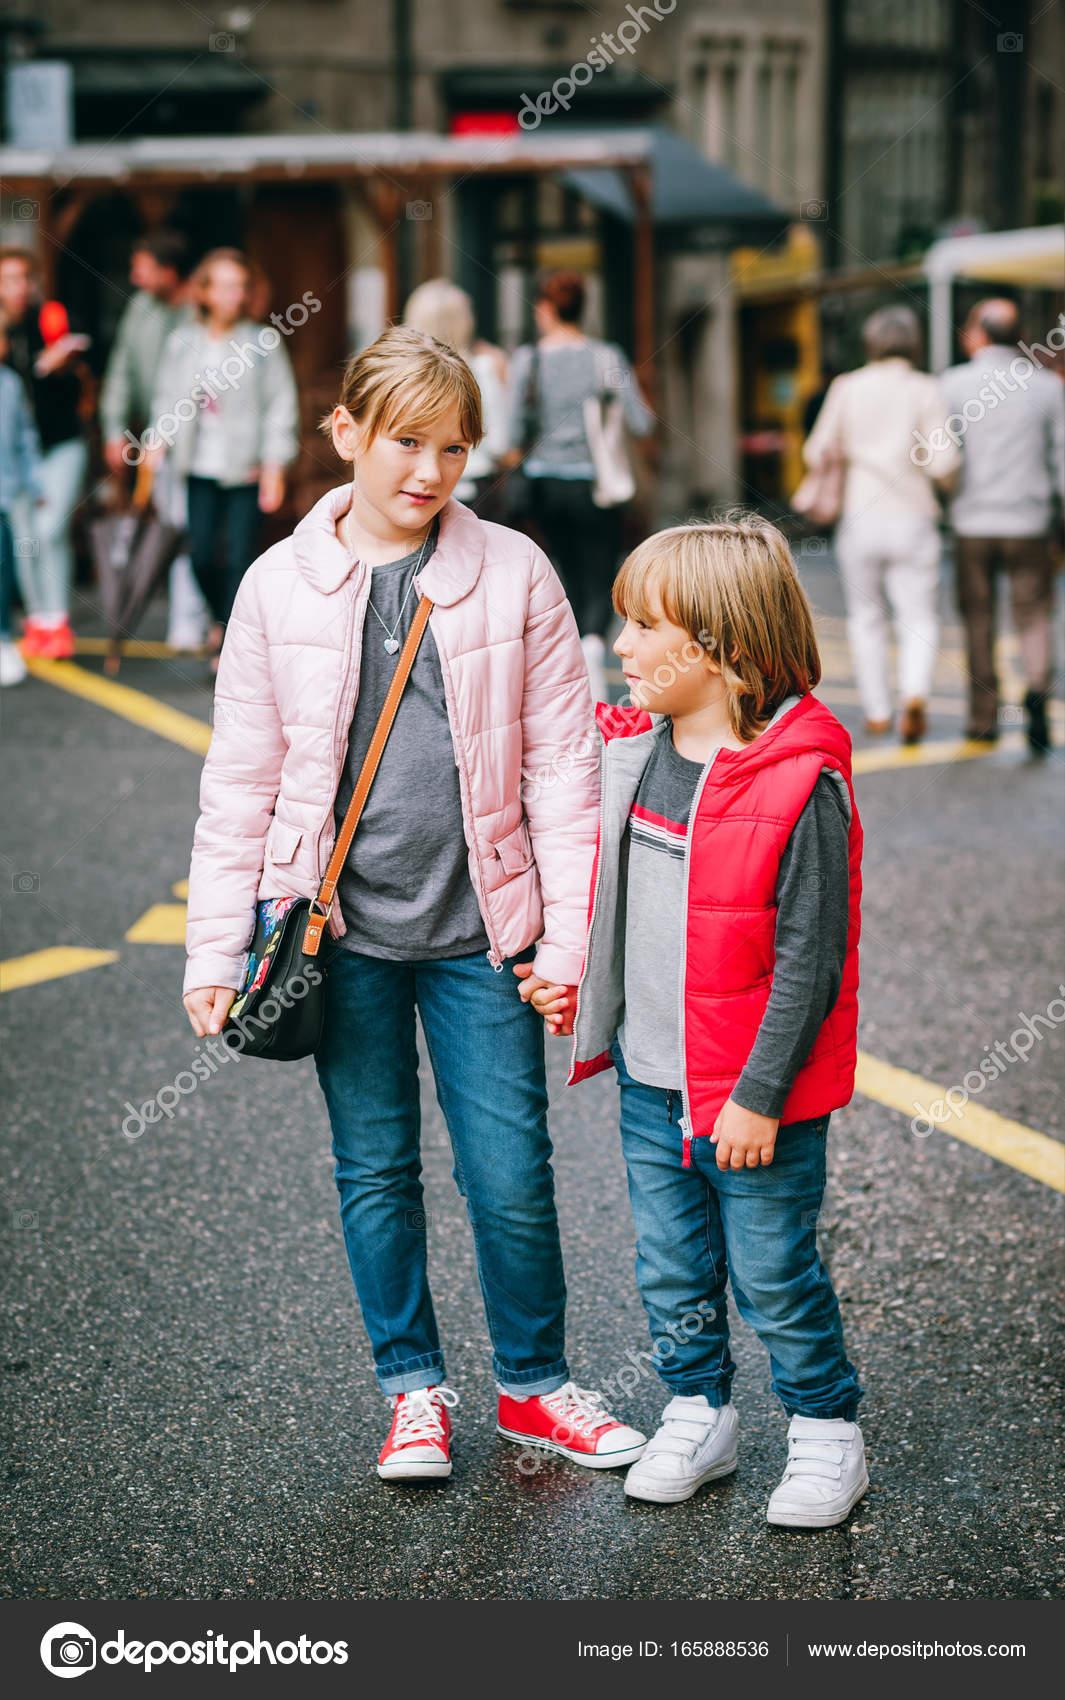 Habían Niños Para Y Calle Con Moda La Muchacho De Muchacha OvxqWwFT